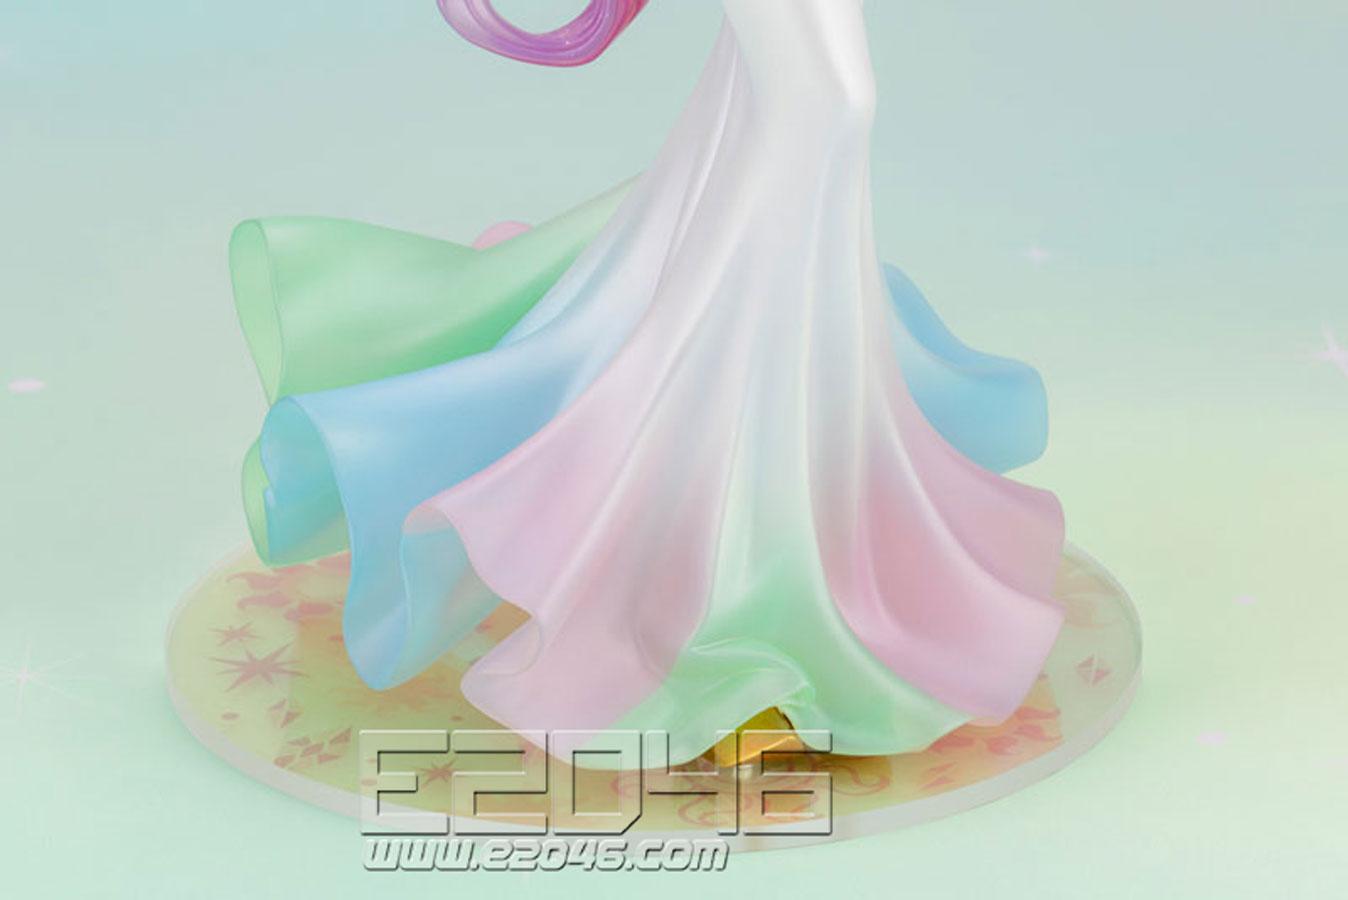 Bishoujo Princess Celestia